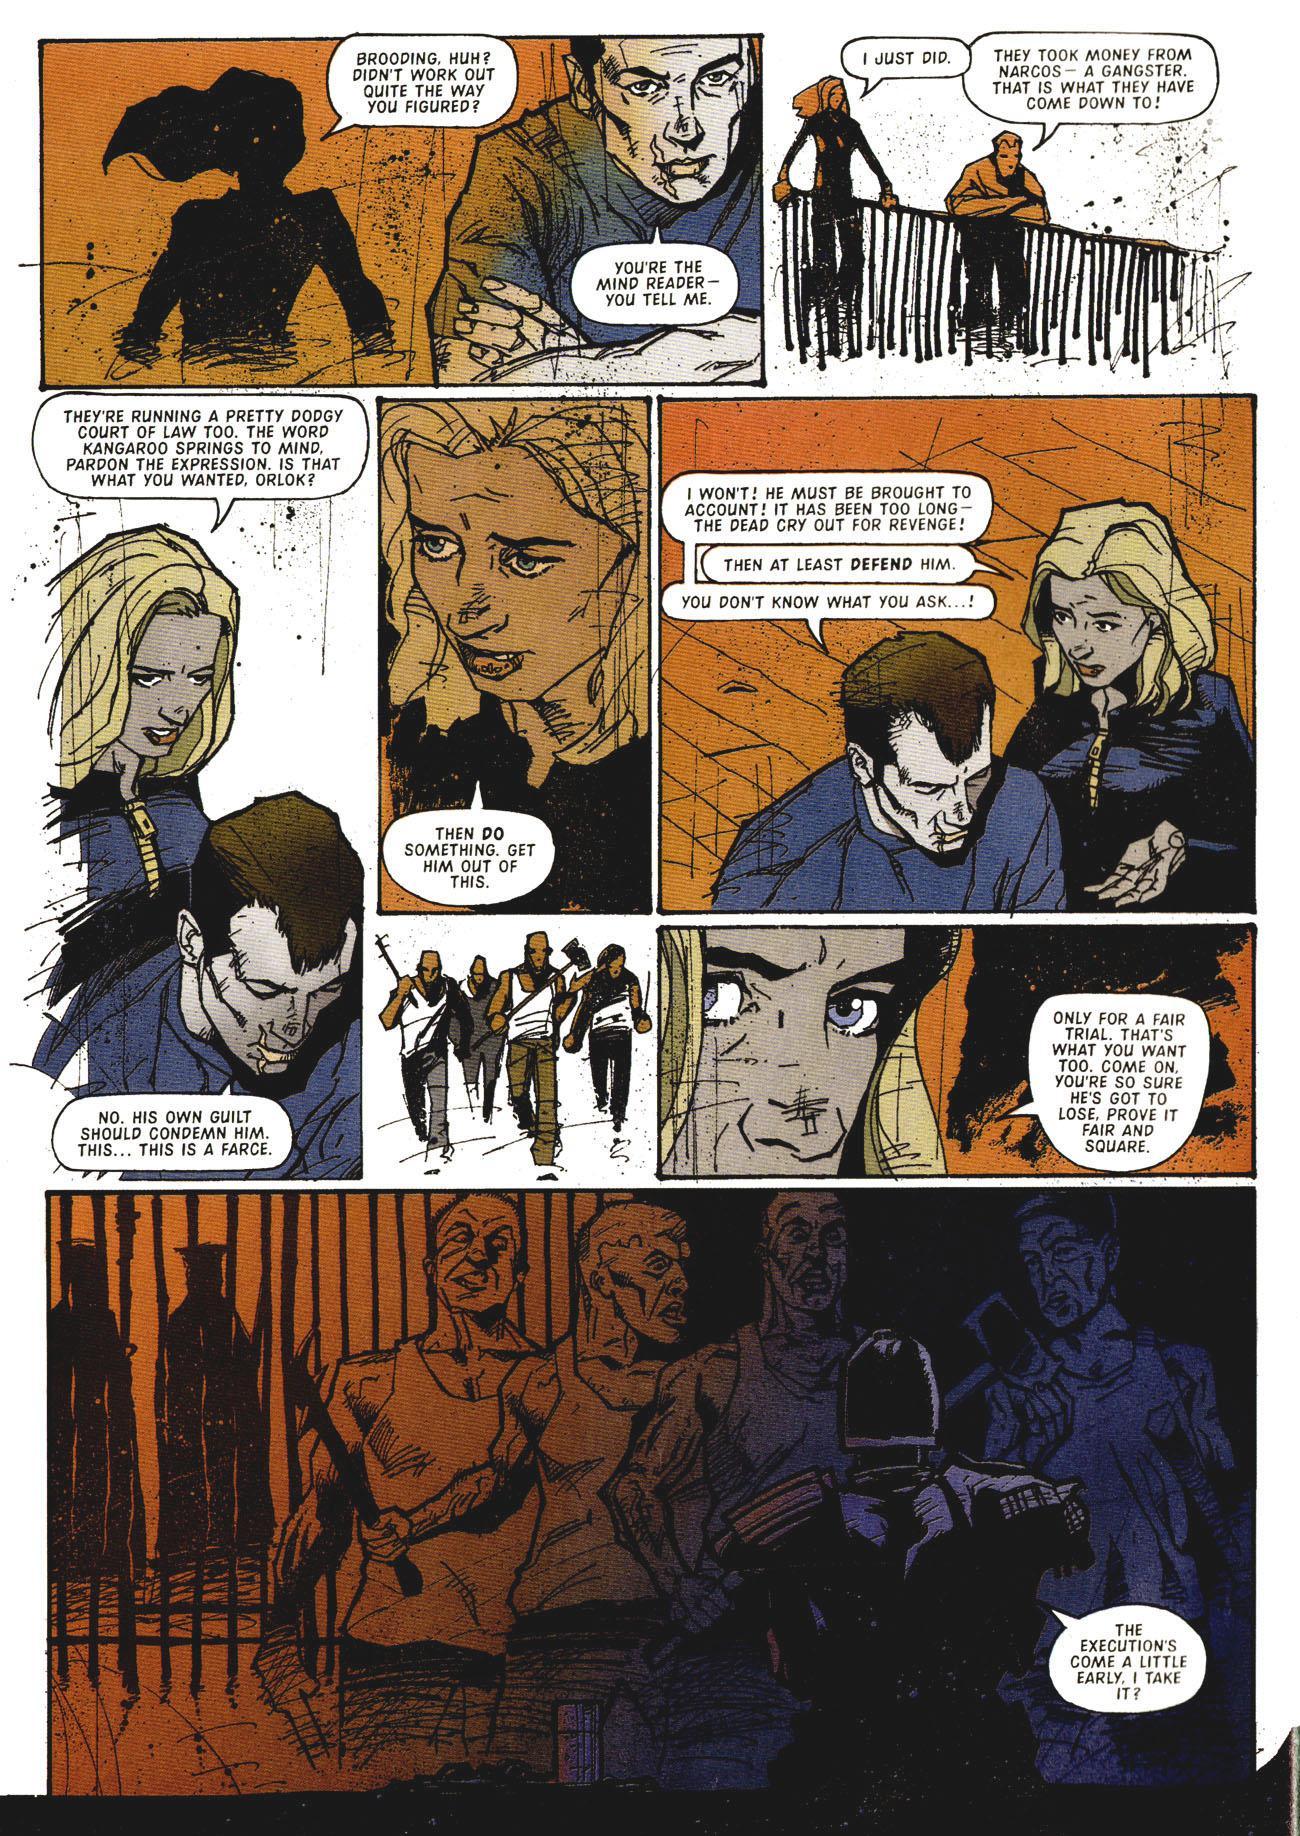 Judge Dredd Doomsday for Dredd review